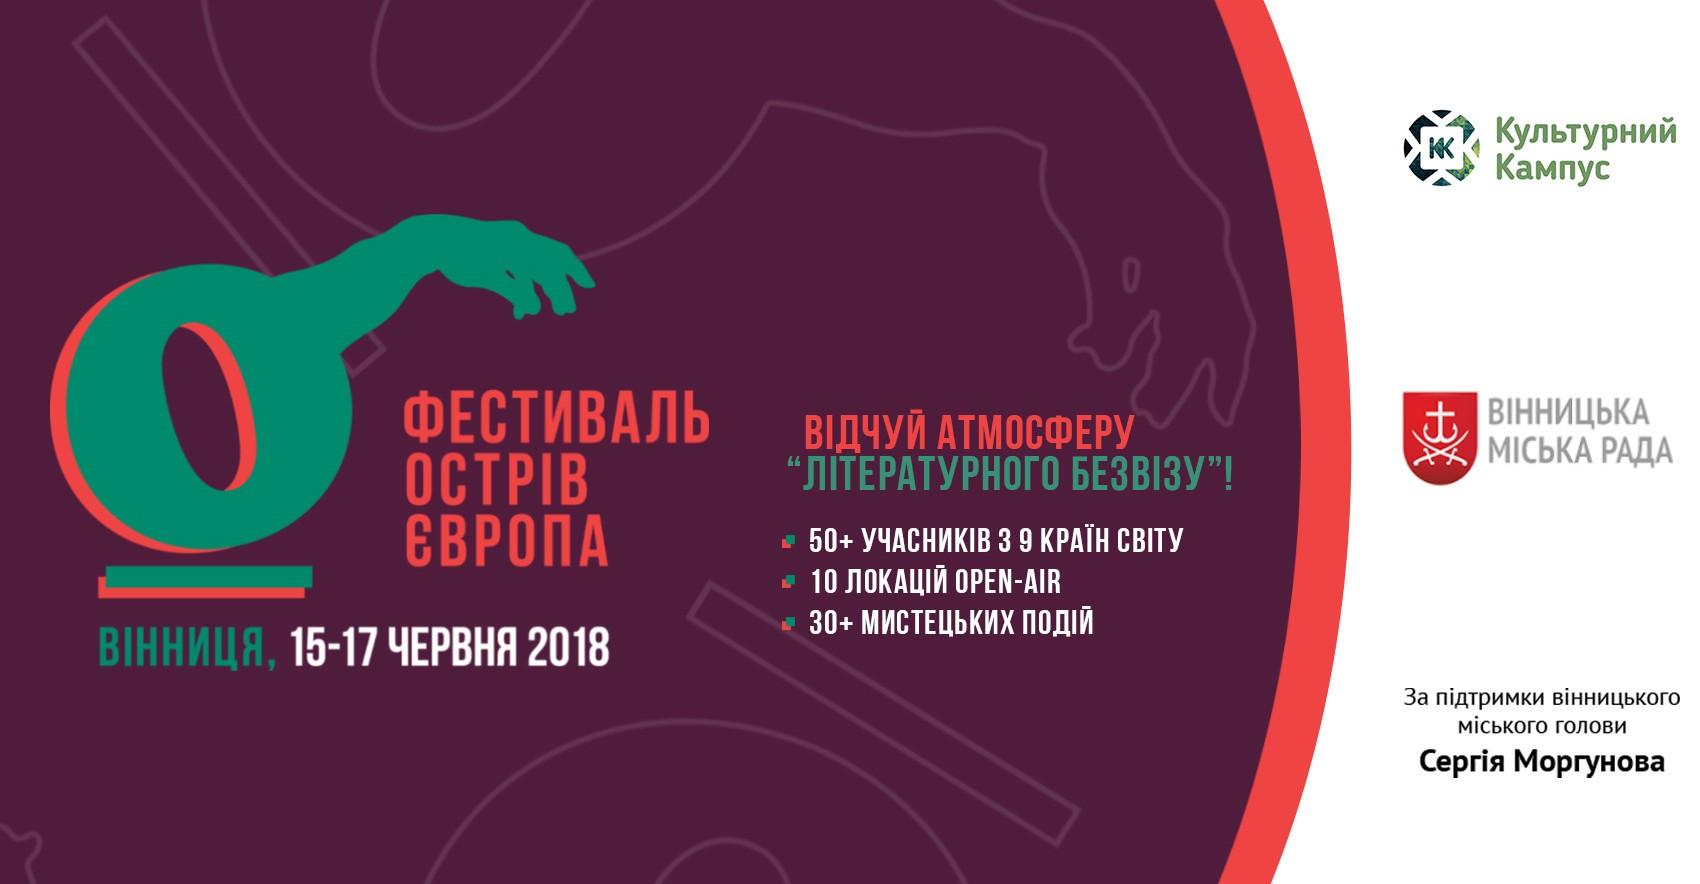 Фестиваль «Острів Європа» (Вінниця)